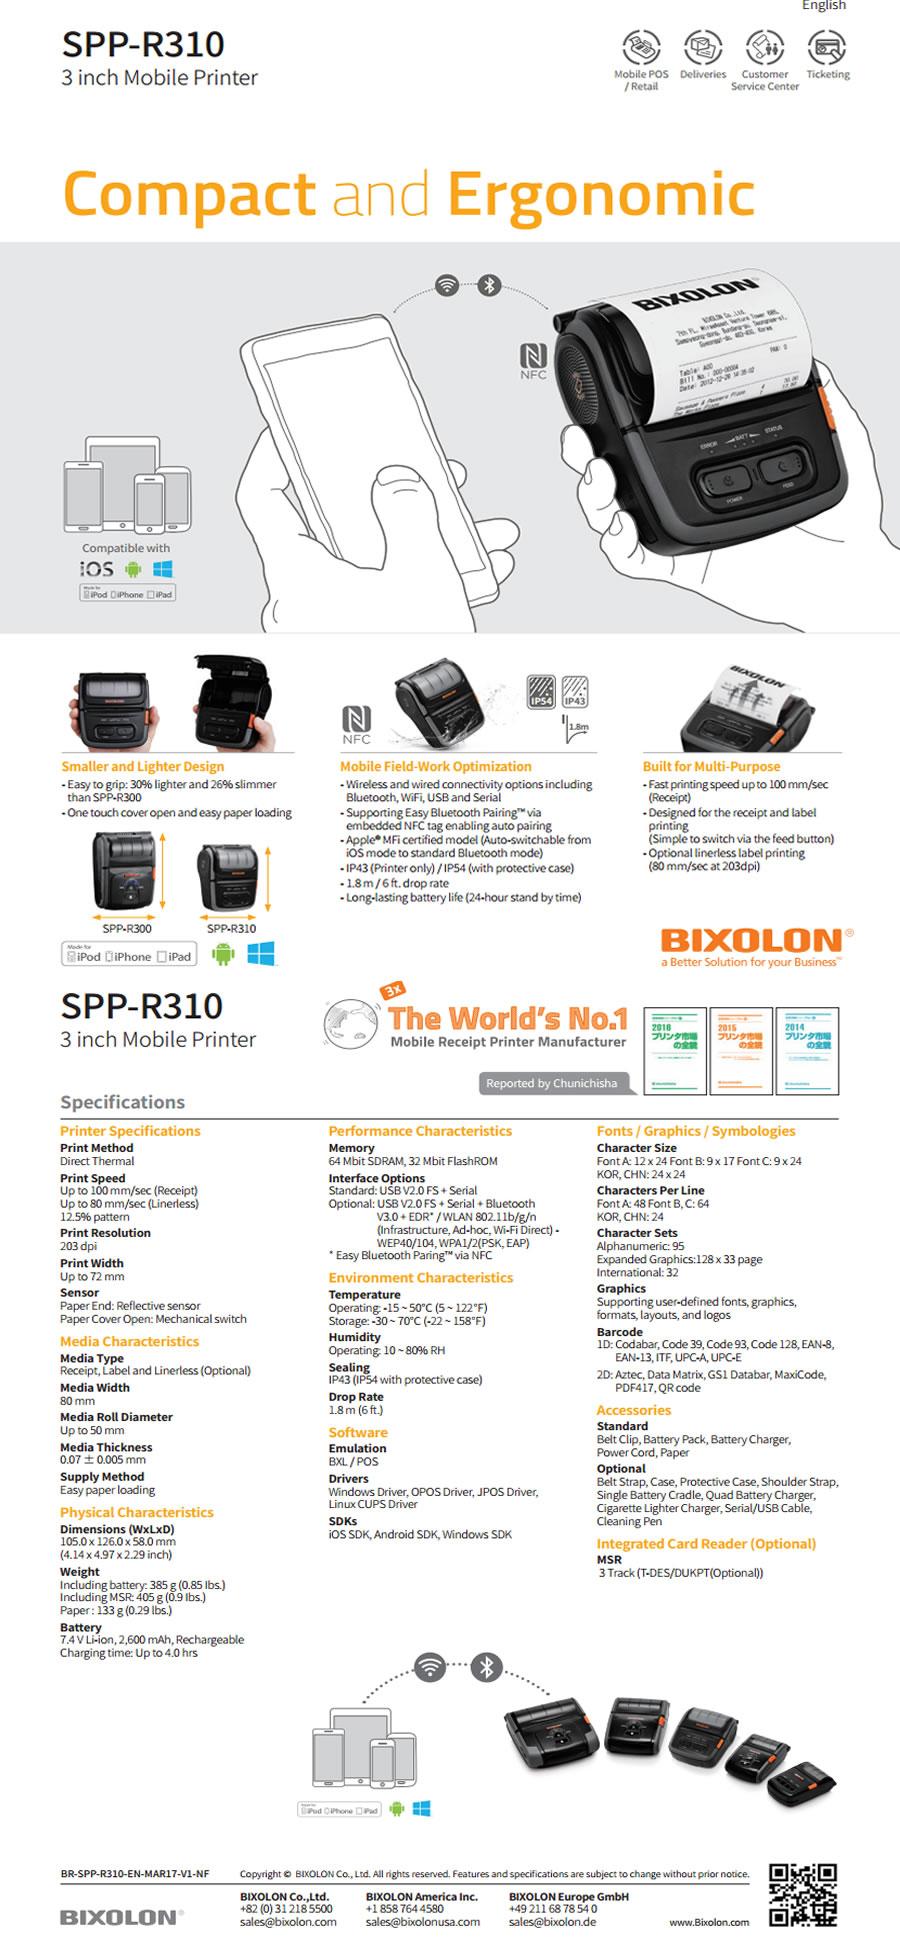 BIXOLON SPP-R310IK